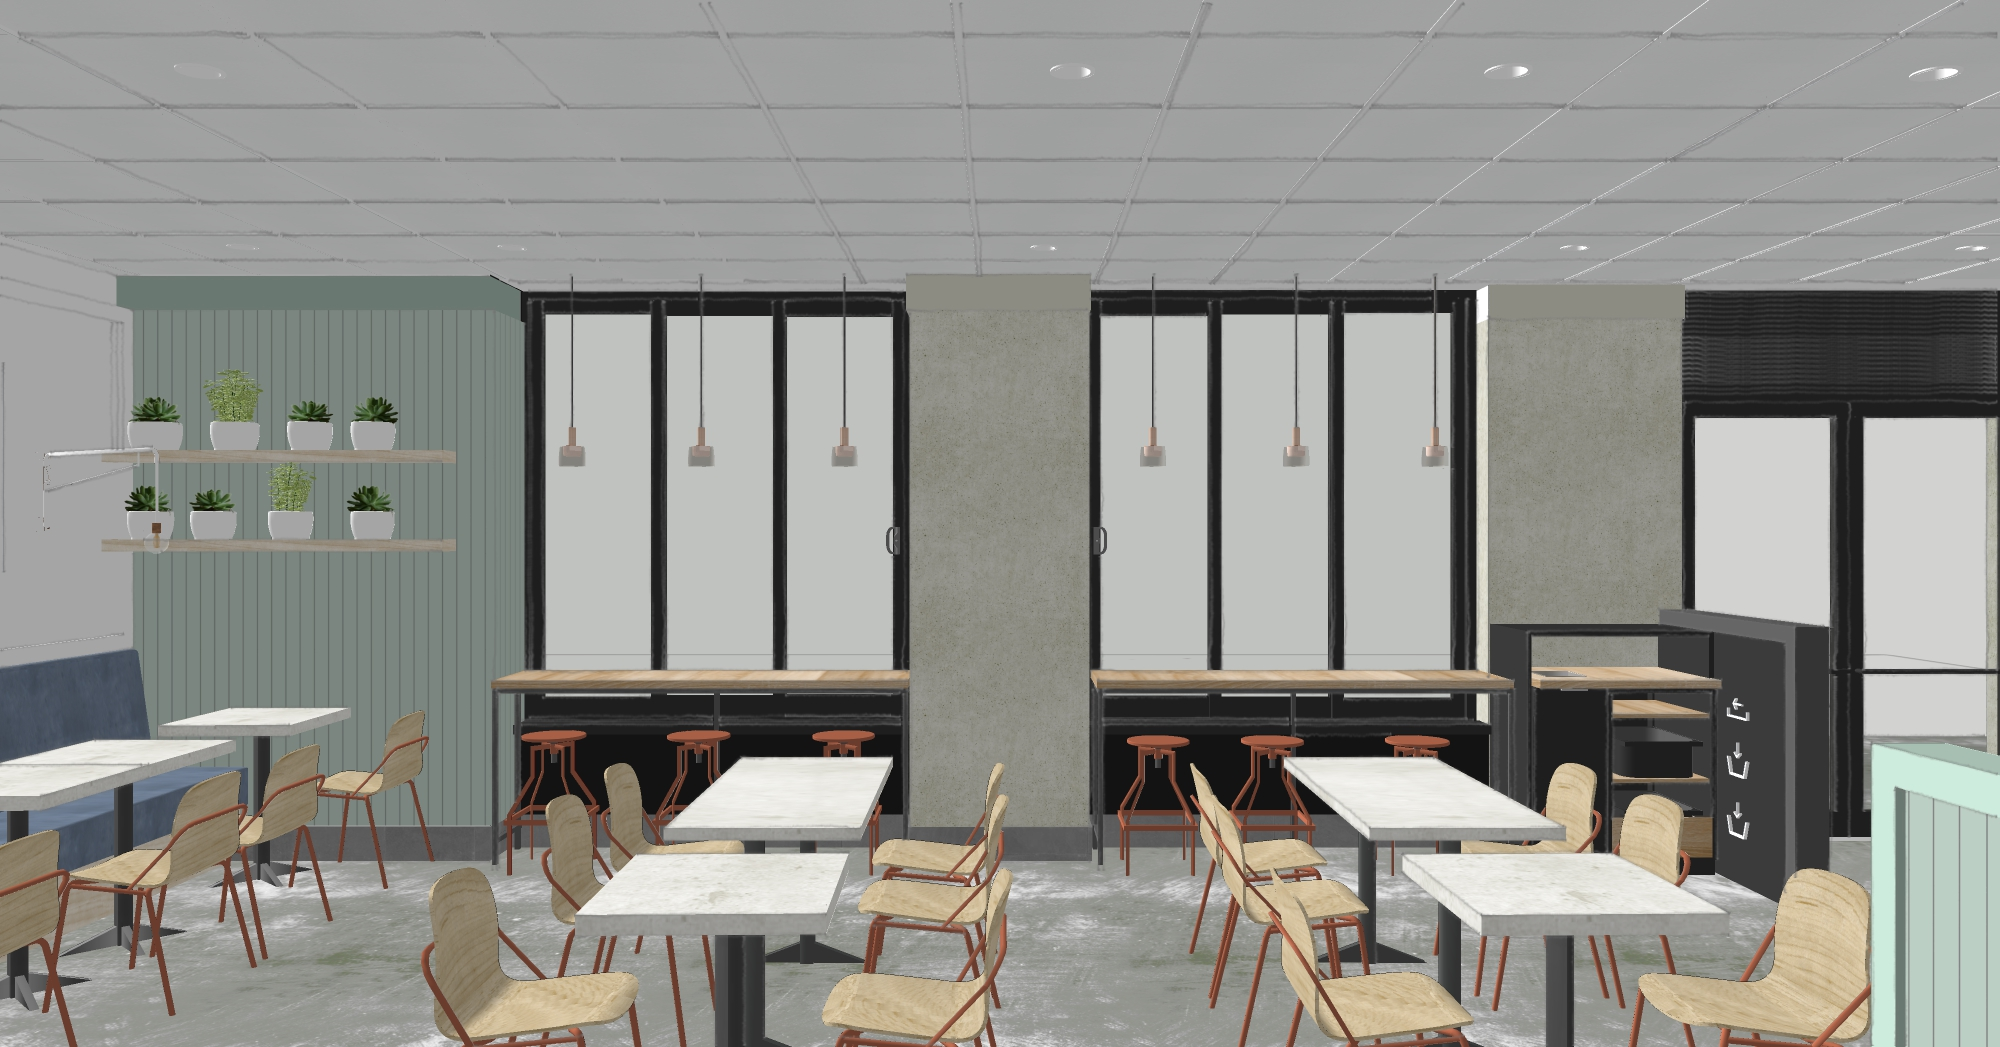 Rendering-of-Restaurant-Seating-at-Window.jpg